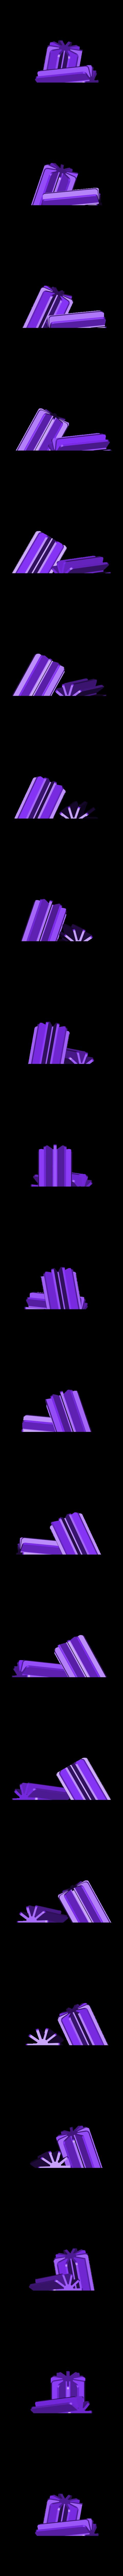 cell_centriole.STL Télécharger fichier STL gratuit Modèle de cellule multicolore • Plan imprimable en 3D, MosaicManufacturing